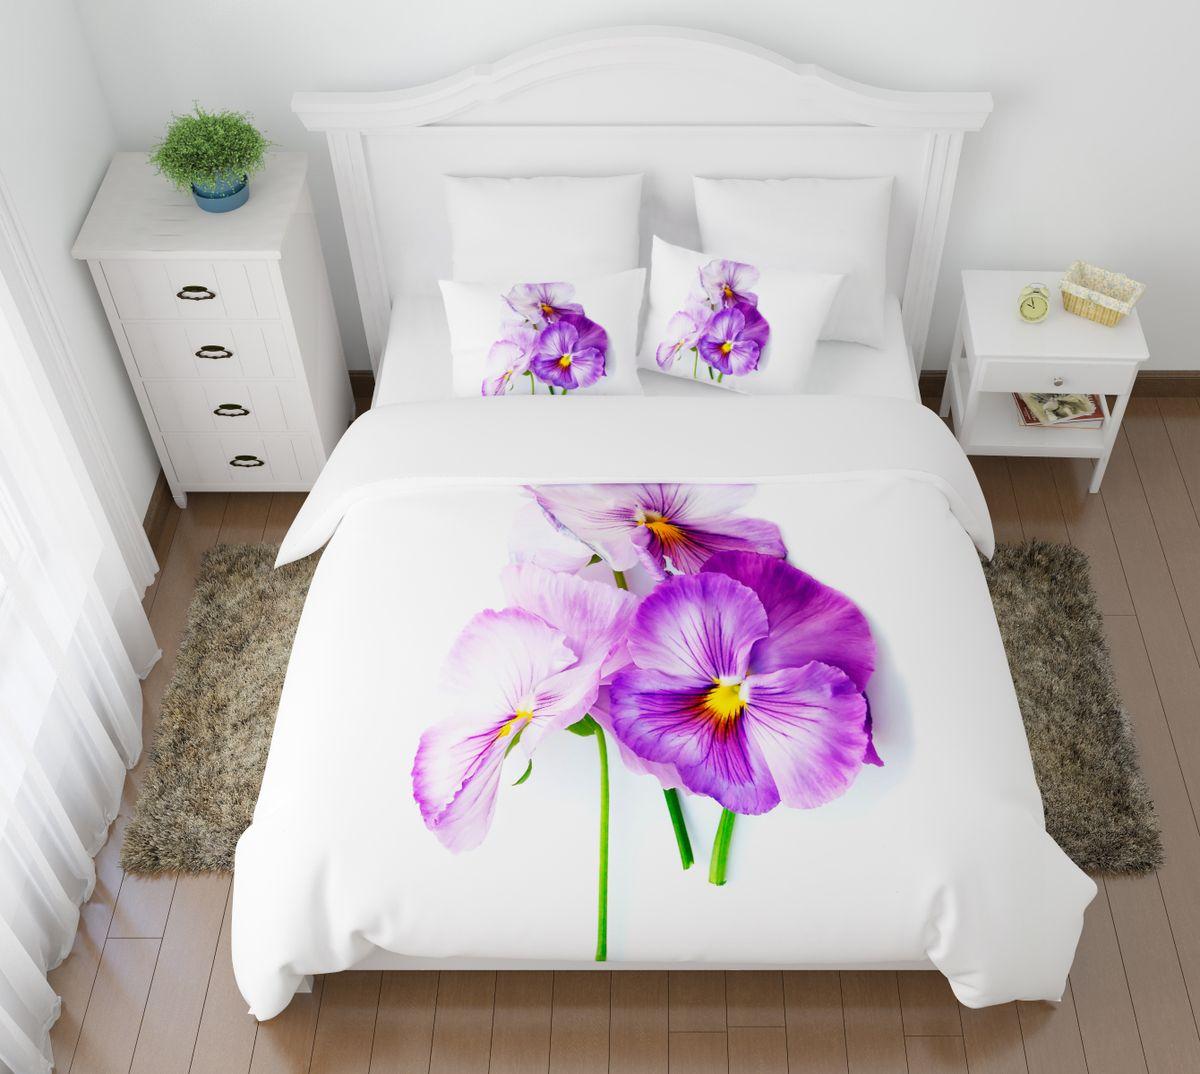 Комплект белья Сирень Виола необыкновенная, 2-спальный, наволочки 50х7008464-КПБ2-МКомплект постельного белья Сирень выполнен из прочной и мягкой ткани. Четкий и стильный рисунок в сочетании с насыщенными красками делают комплект постельного белья неповторимой изюминкой любого интерьера.Постельное белье идеально подойдет для подарка. Идеальное соотношение смешенной ткани и гипоаллергенных красок - это гарантия здорового, спокойного сна. Ткань хорошо впитывает влагу, надолго сохраняет яркость красок.В комплект входят: простынь, пододеяльник, две наволочки. Постельное белье легко стирать при 30-40°С, гладить при 150°С, не отбеливать. Рекомендуется перед первым использованием постирать.УВАЖАЕМЫЕ КЛИЕНТЫ! Обращаем ваше внимание, что цвет простыни, пододеяльника, наволочки в комплектации может немного отличаться от представленного на фото.